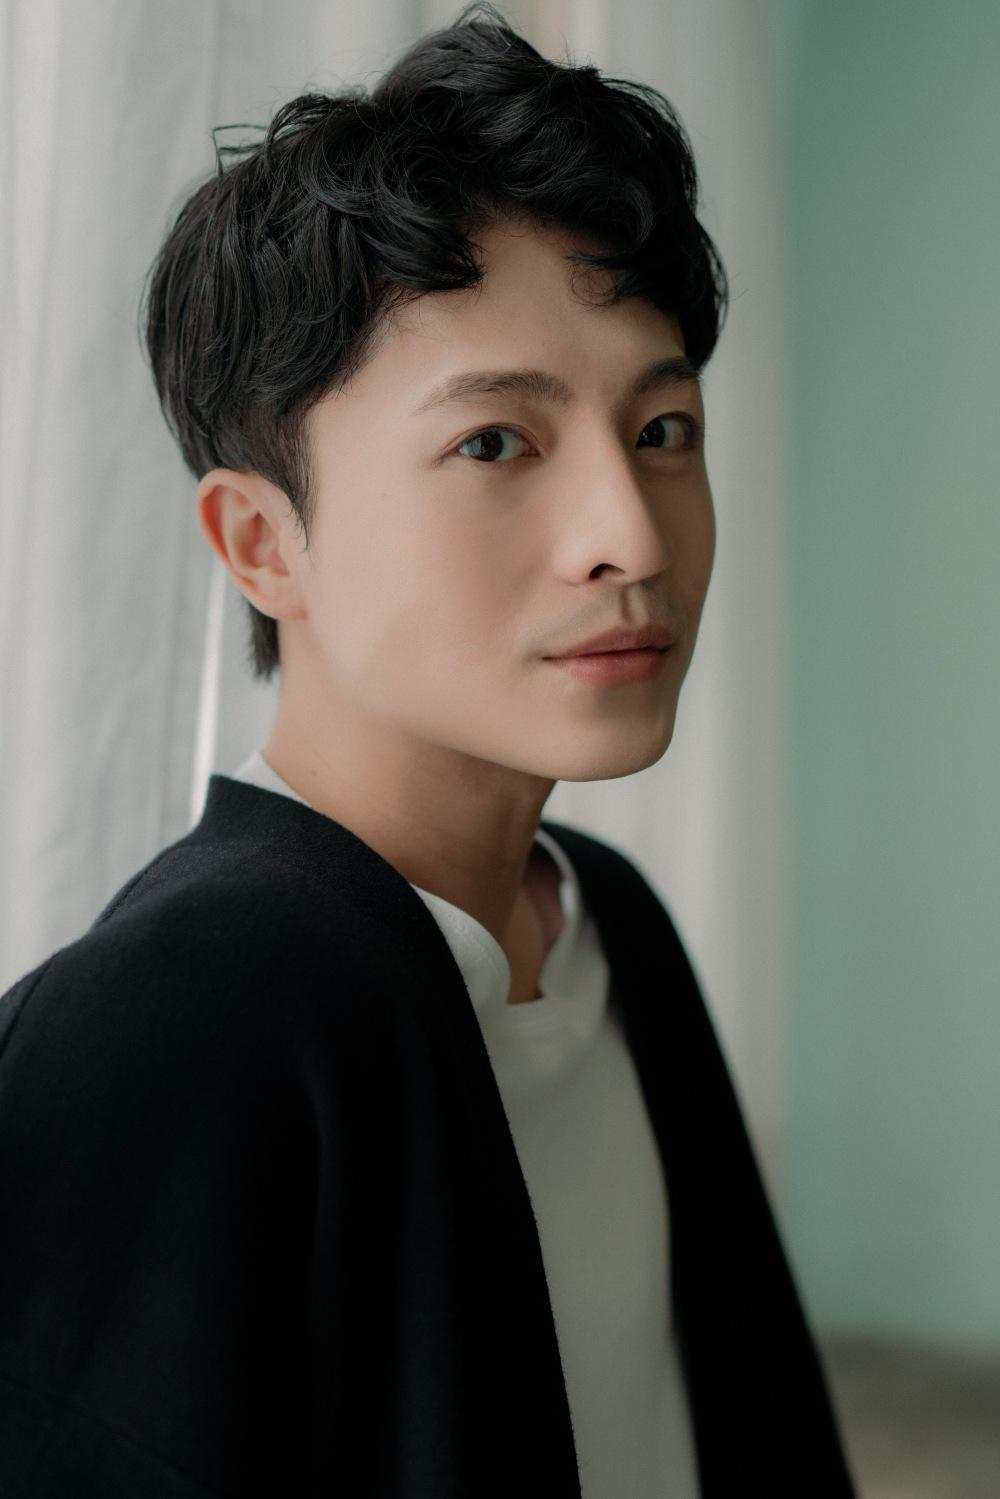 Gương mặt của Harry Lu có nhiều sự khác biệt sau phẫu thuật vì tai nạn xe máy. Ảnh: Nhân vật cung cấp